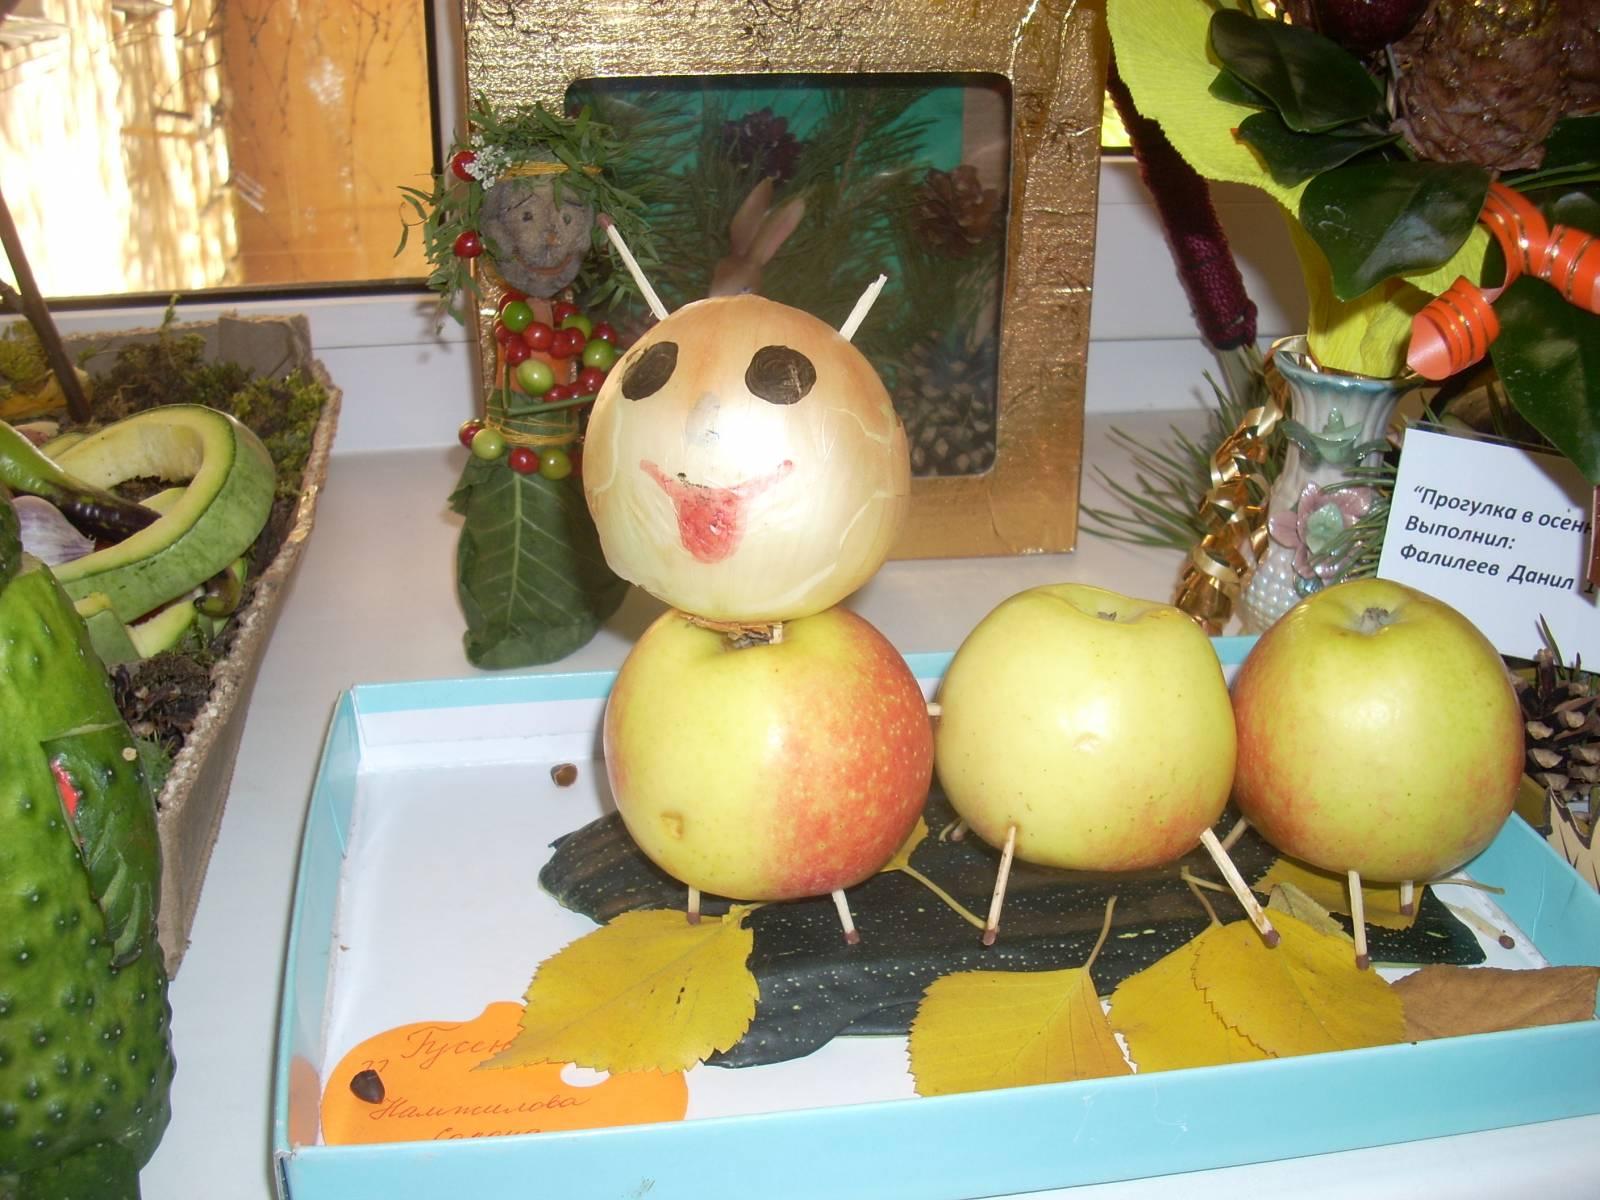 Поделки из овощей к празднику золотая осень 5